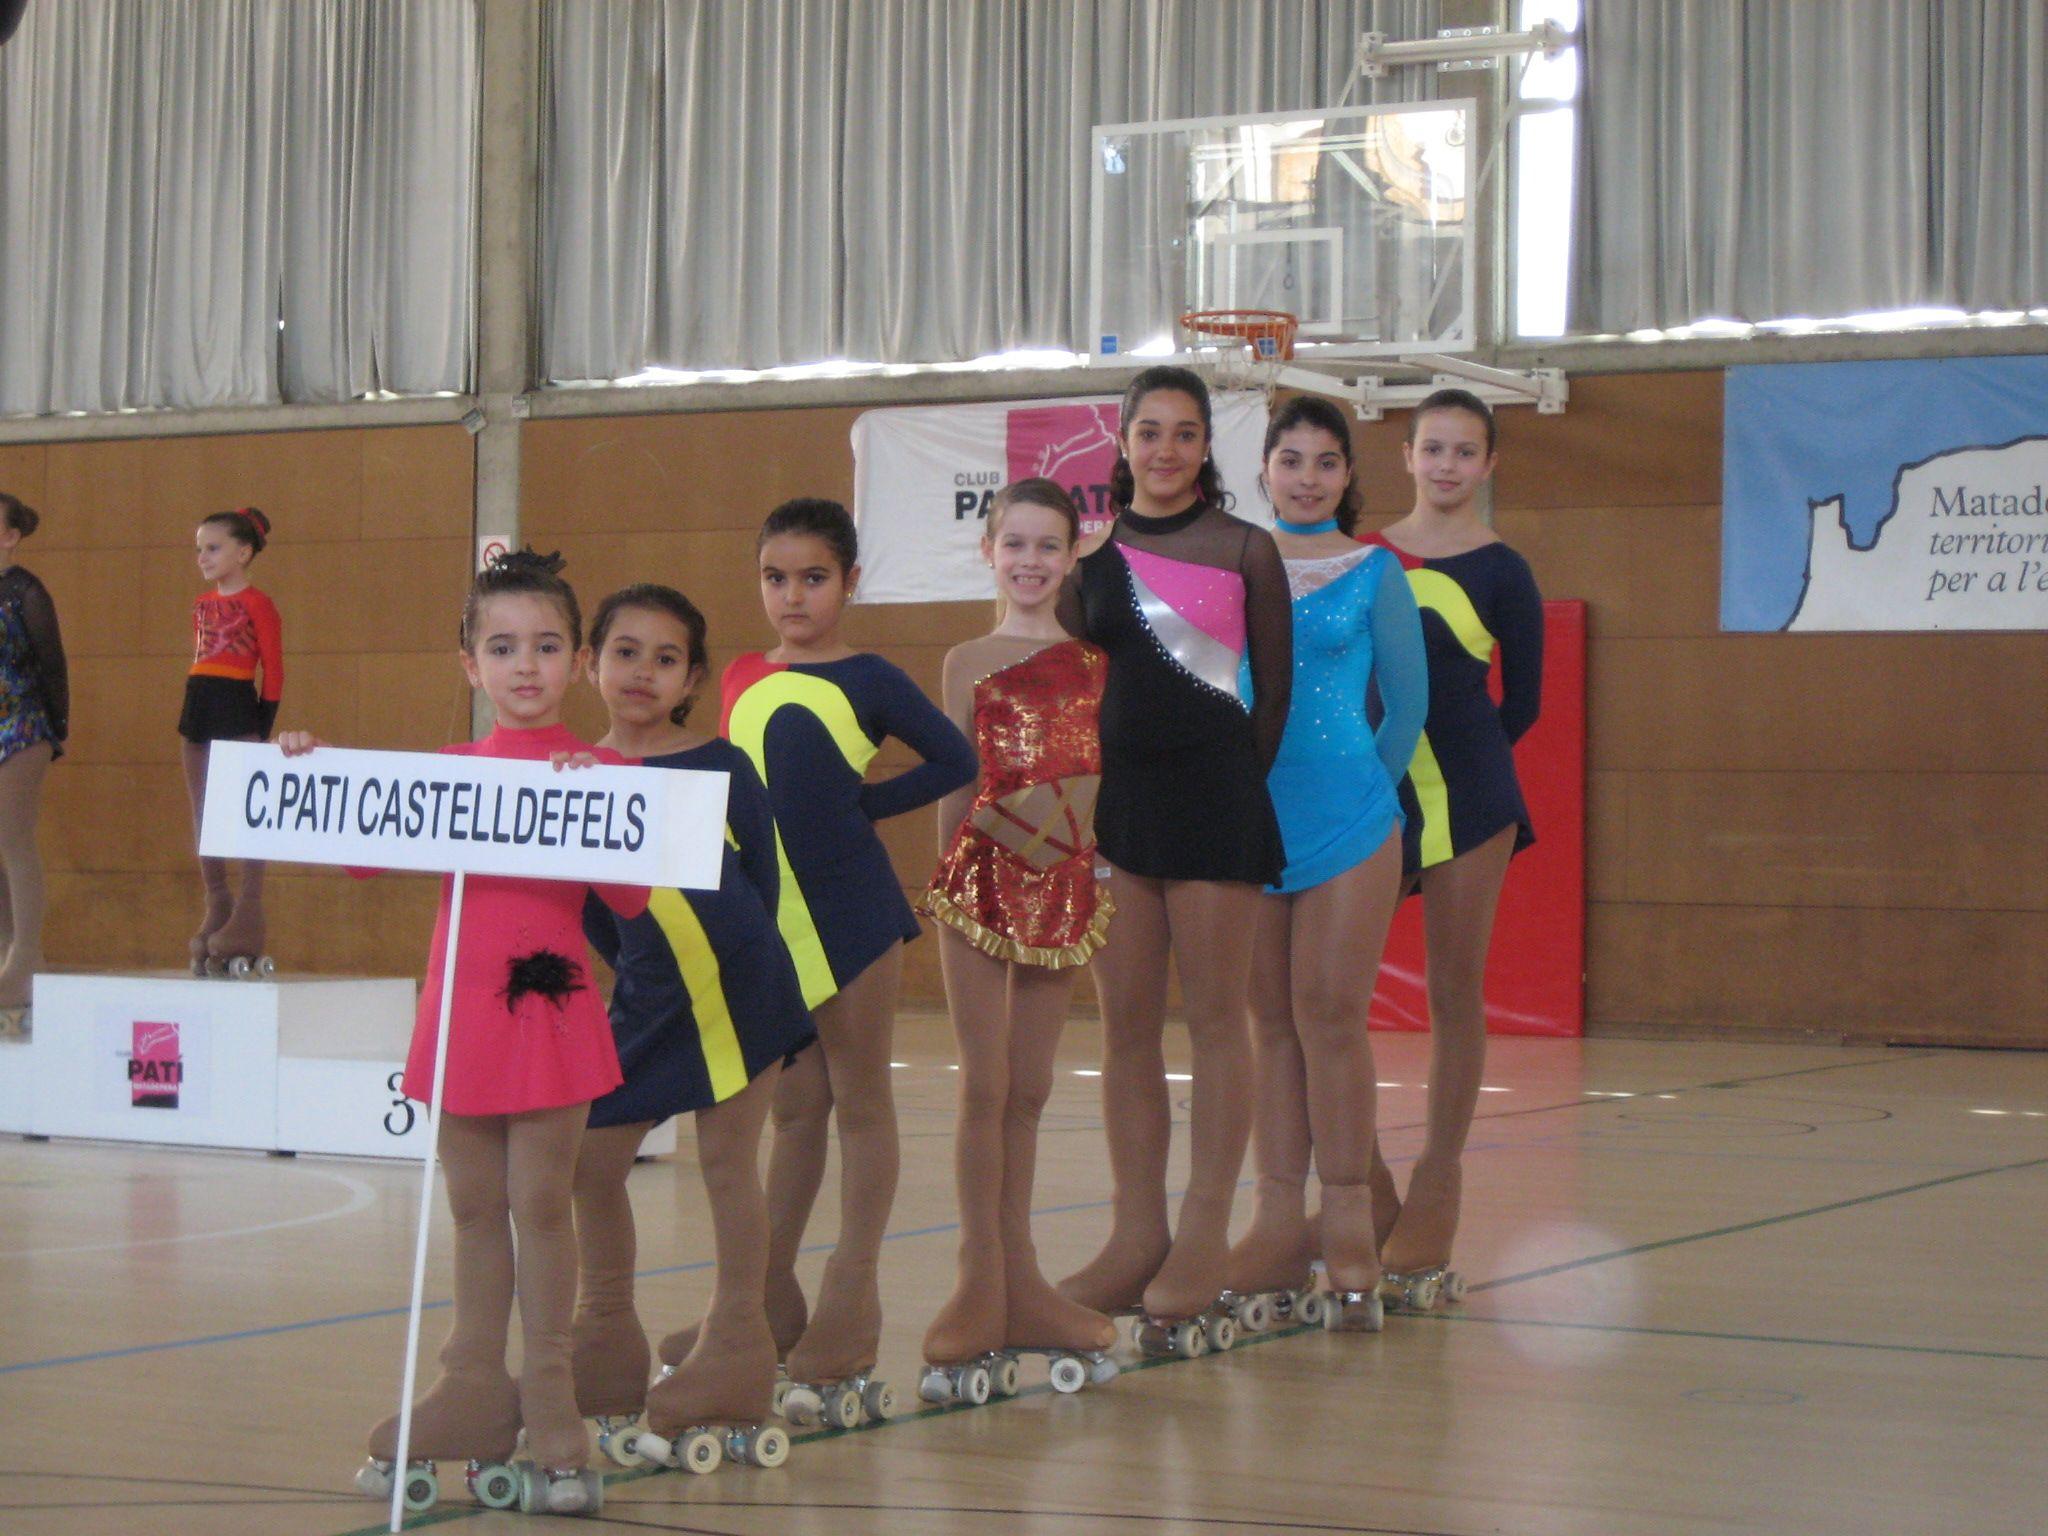 2014-02-15 Trofeu Club Patí Matedepera - Galeria de fotos i resultats